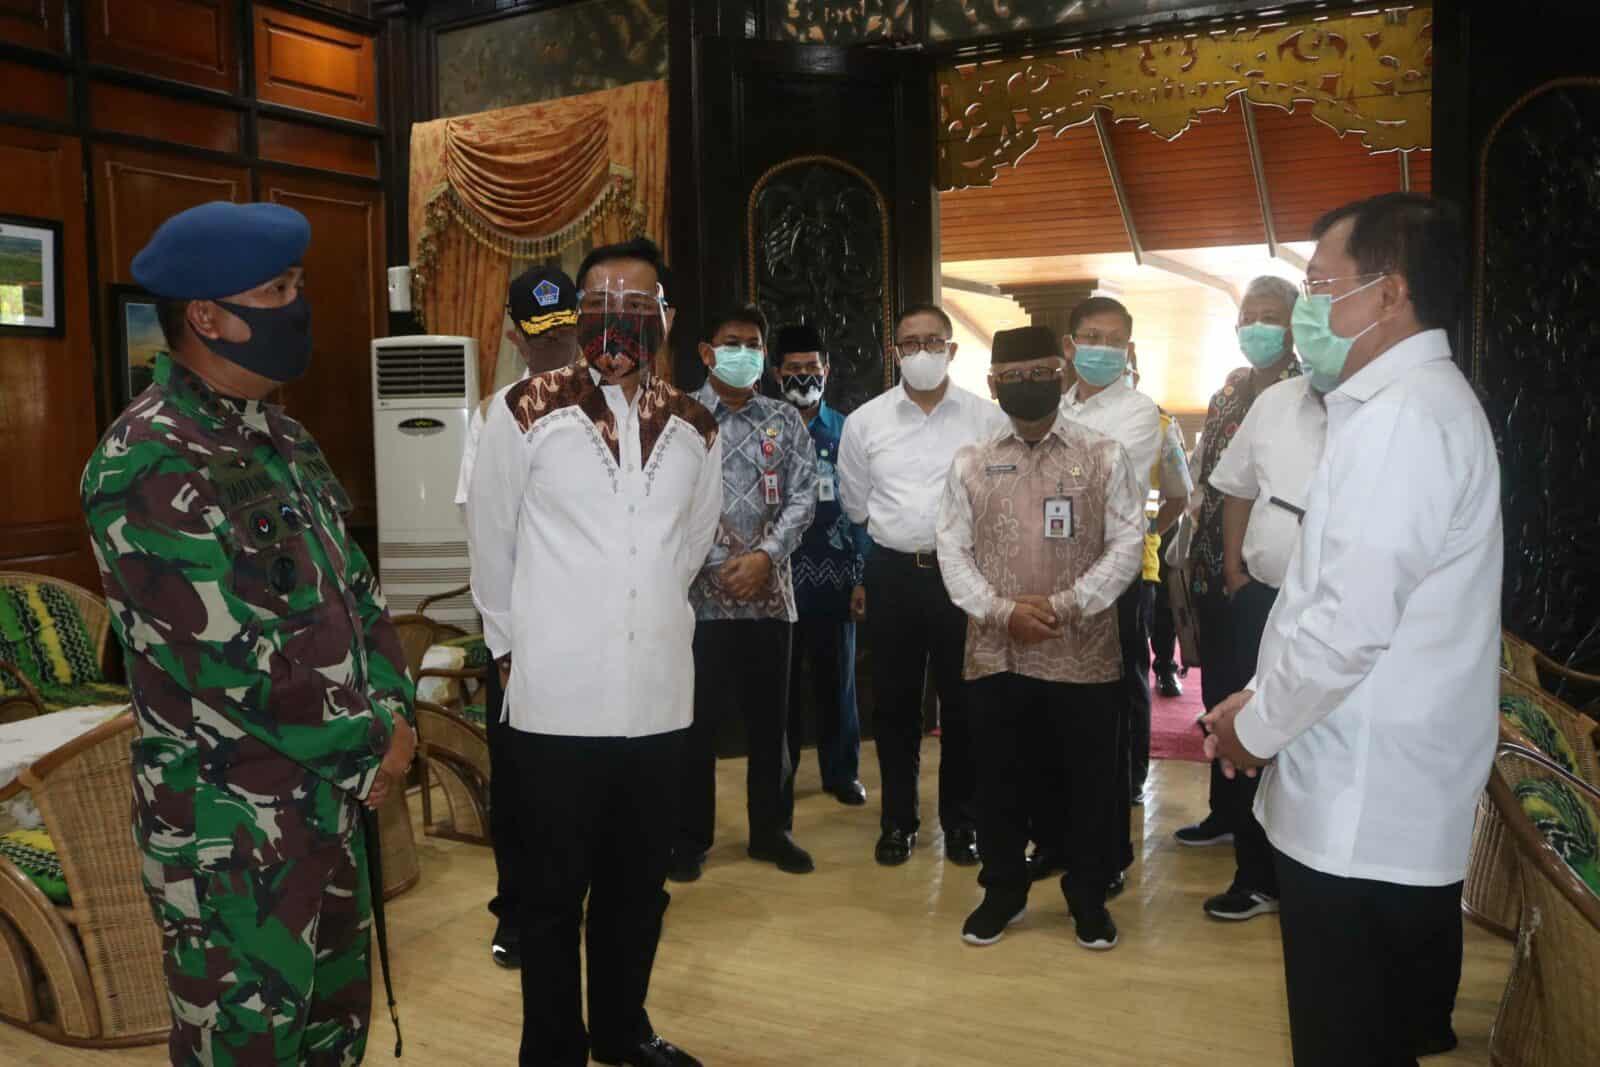 Kedatangan Menteri Kesehatan Republik Indonesia Disambut Jajaran Forkompimda di Kalimantan Selatan